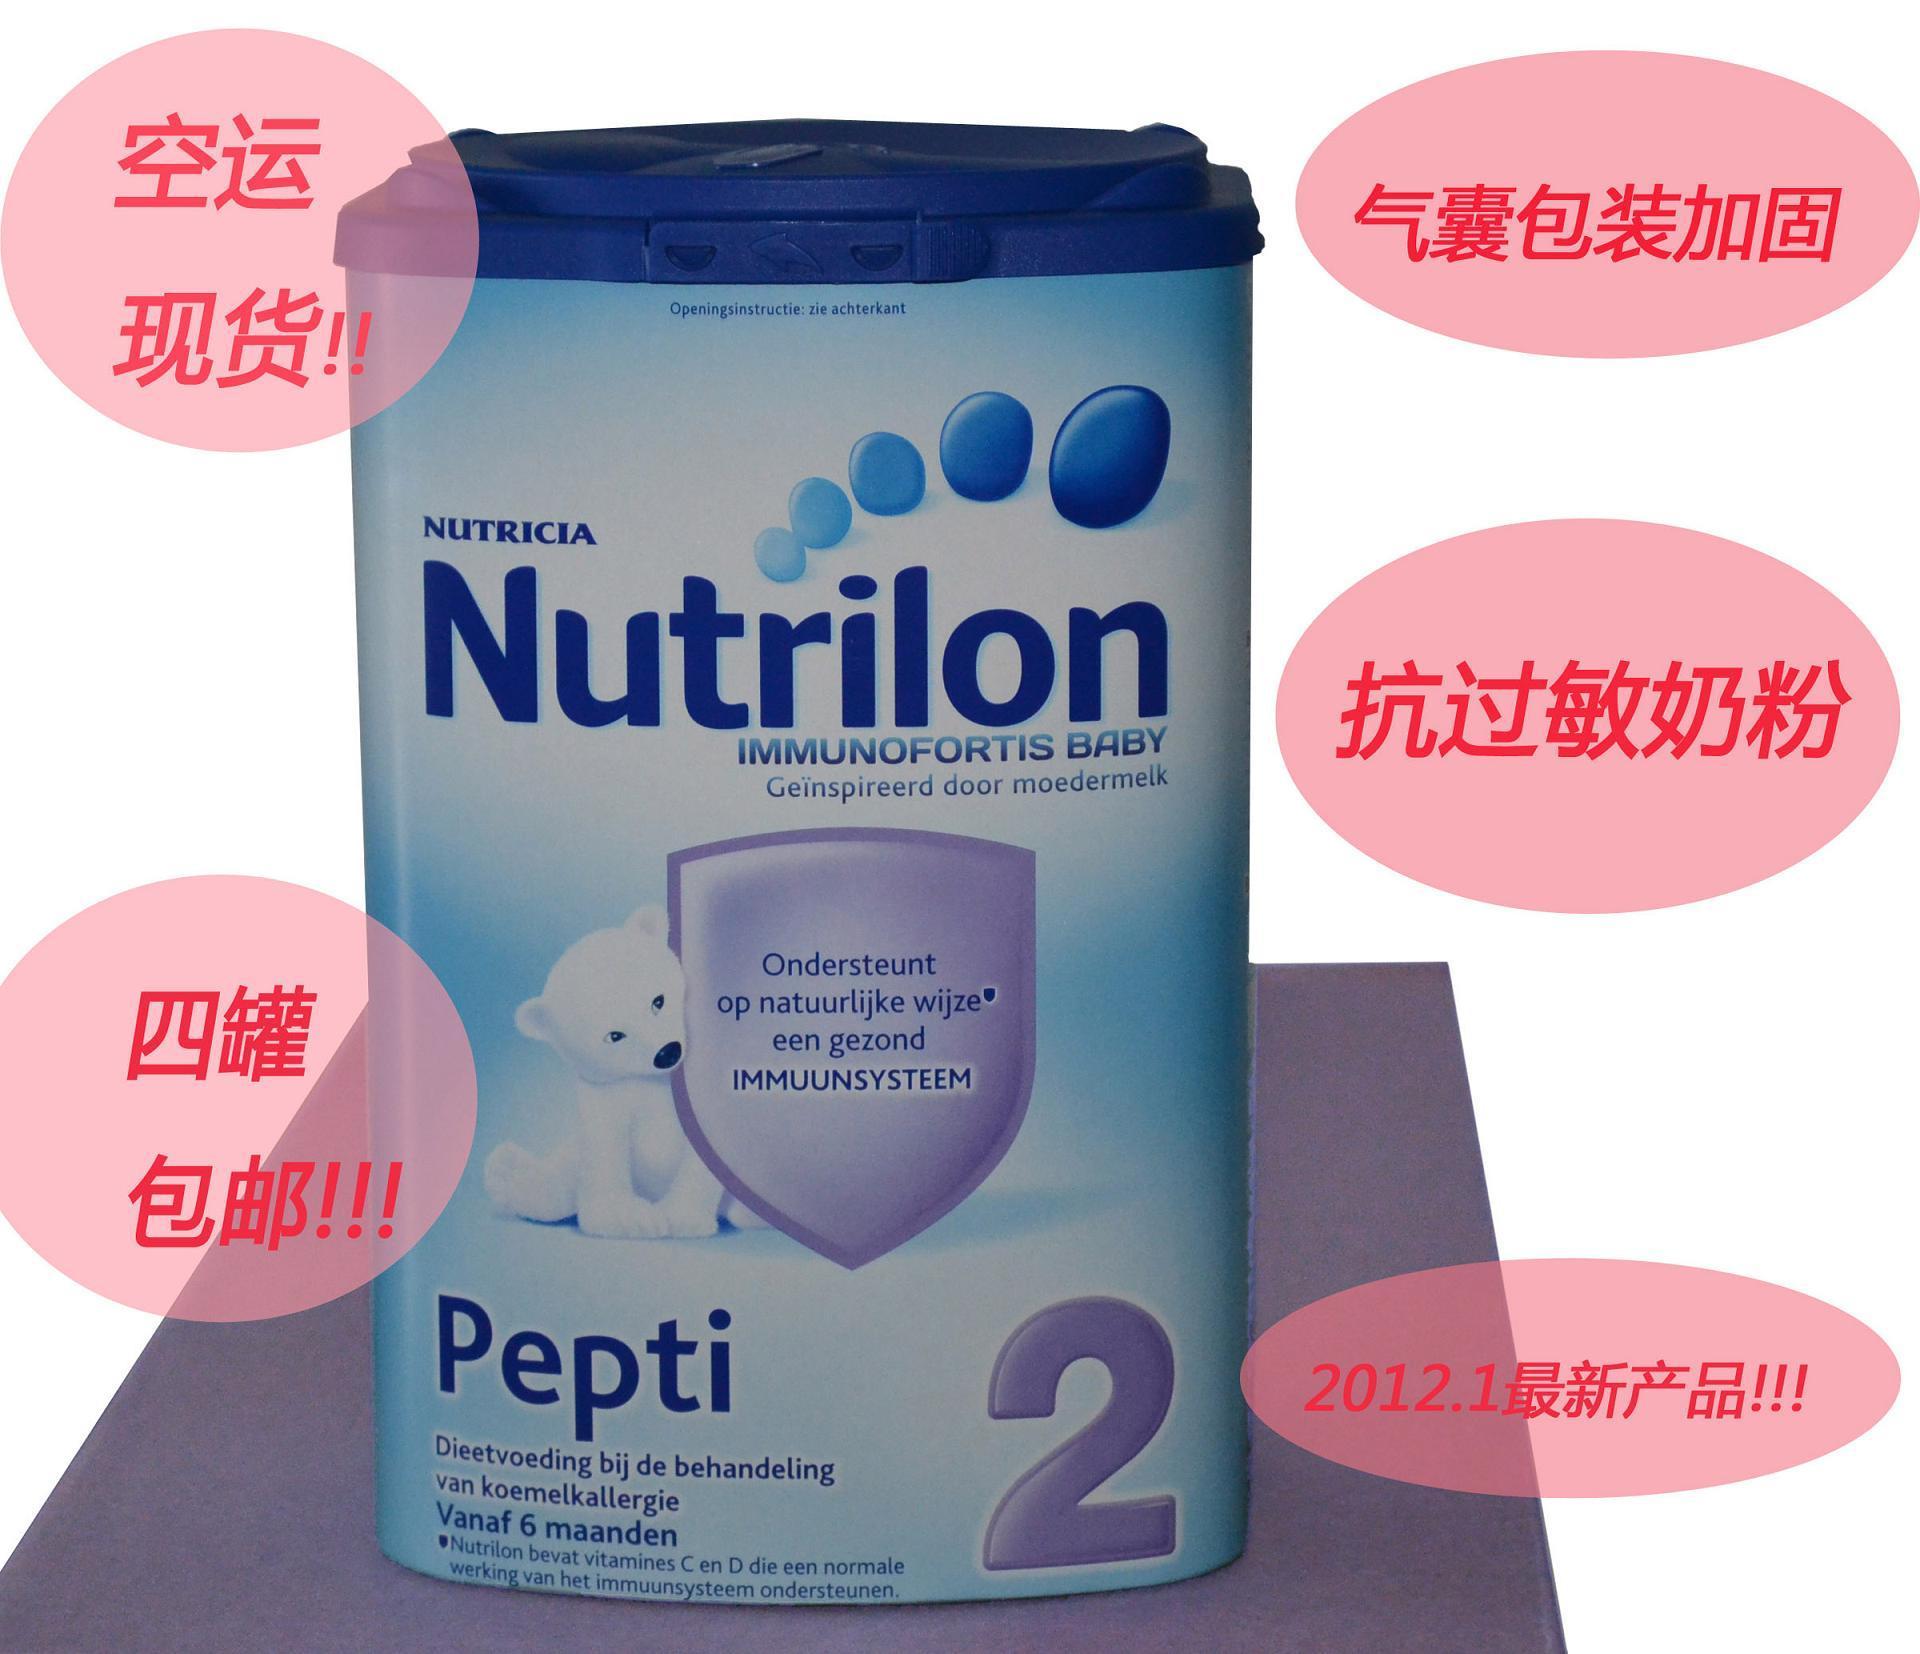 荷兰牛栏Pepti 2段深度水解牛奶乳蛋白抗过敏配方奶粉脱敏4罐包邮